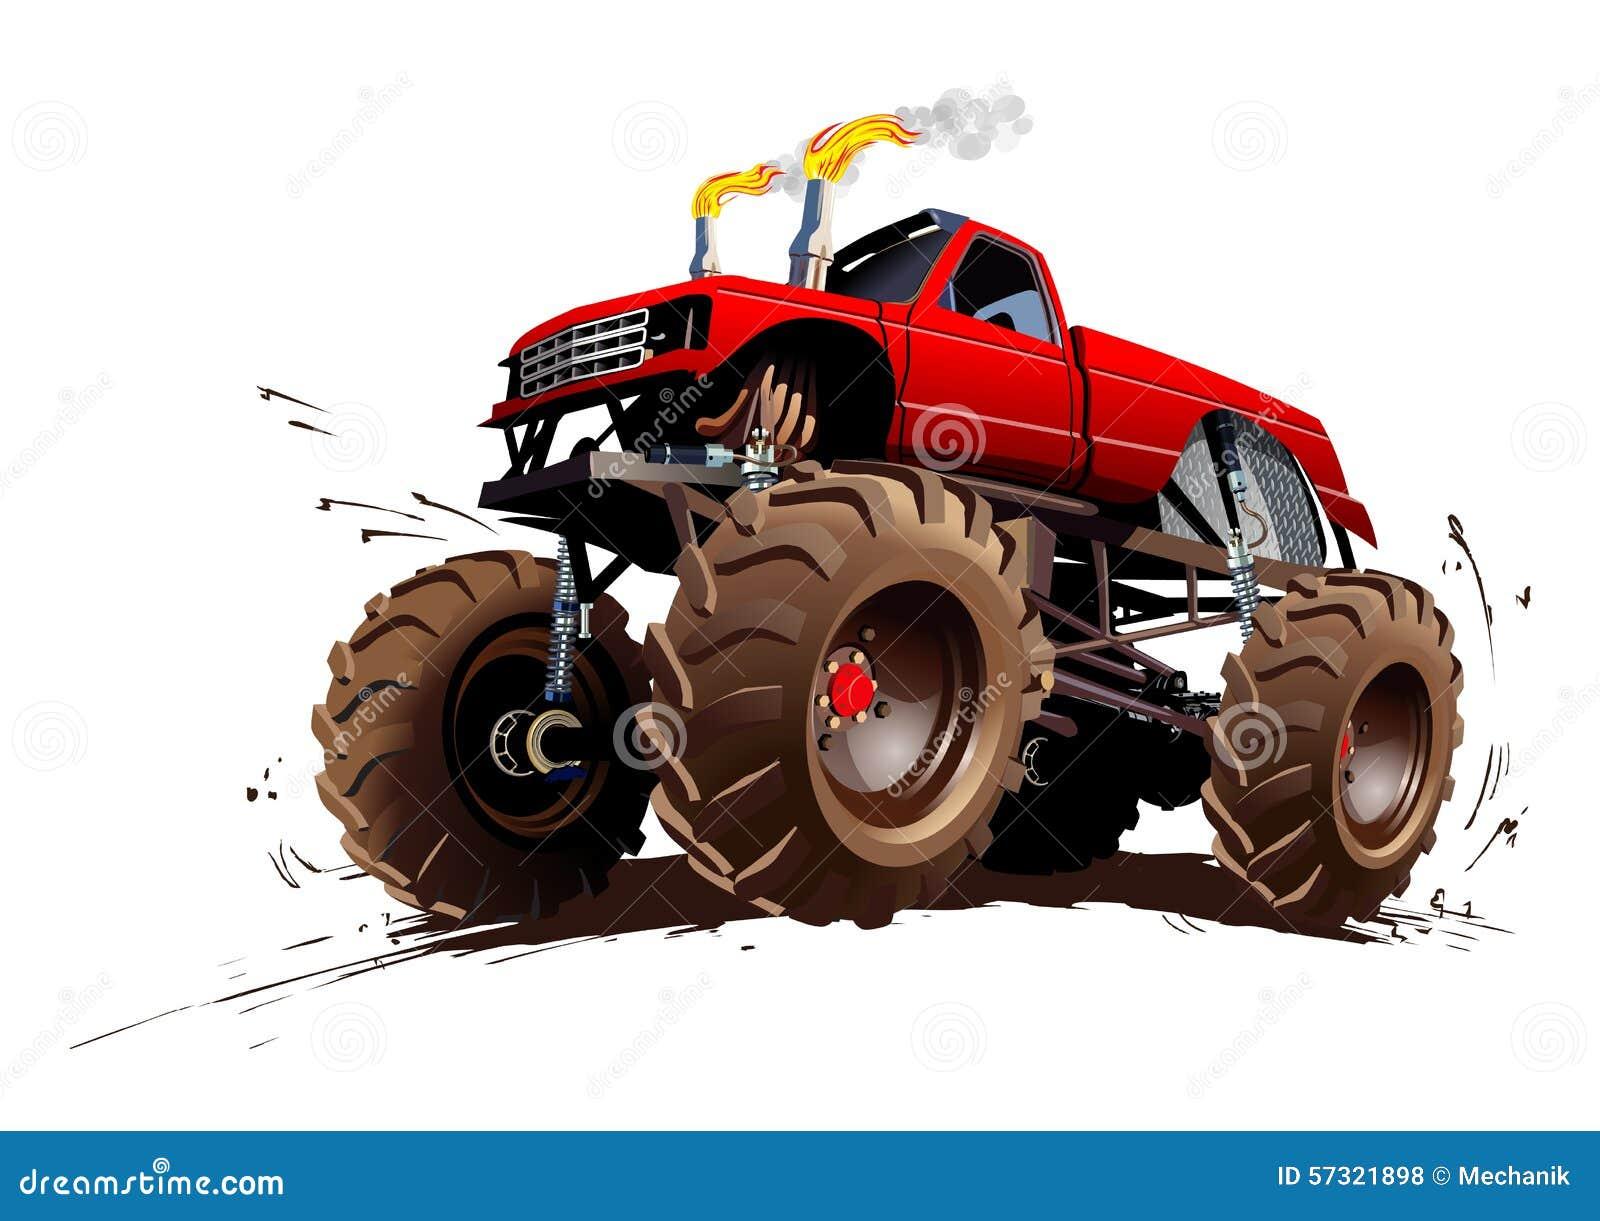 Muddy Tractor Clip Art : Cartoon monster truck stock vector illustration of